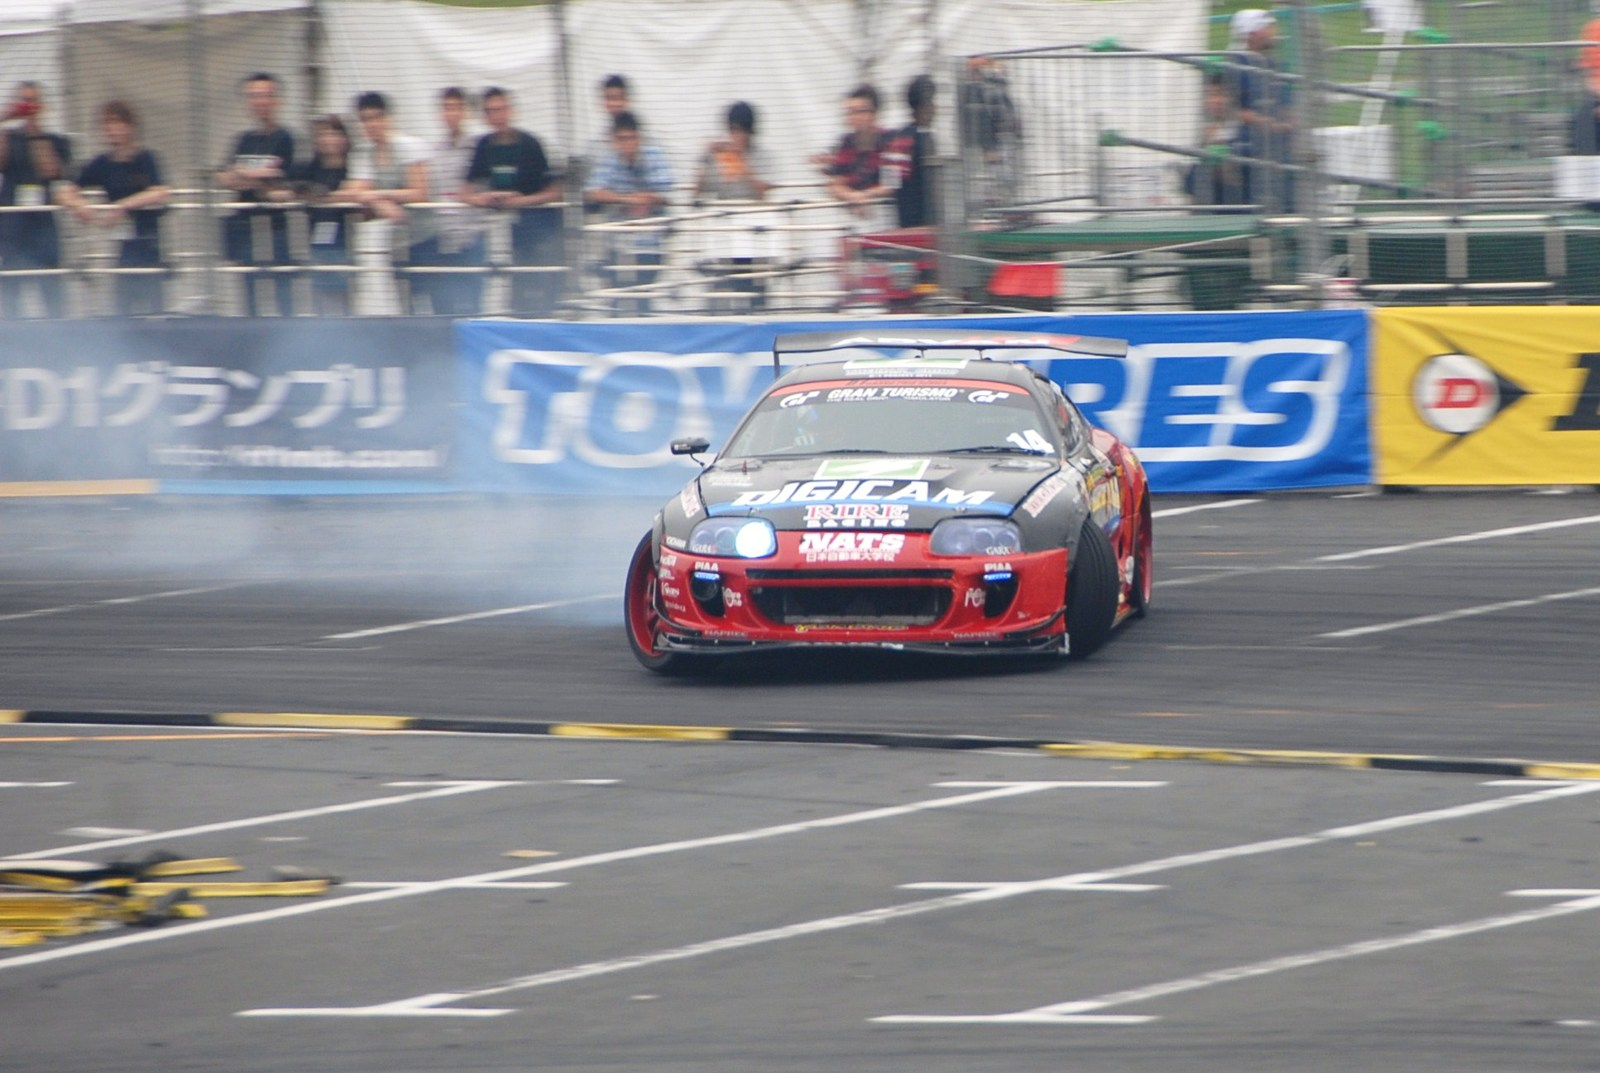 2011_tokyo_drift_2011645_461